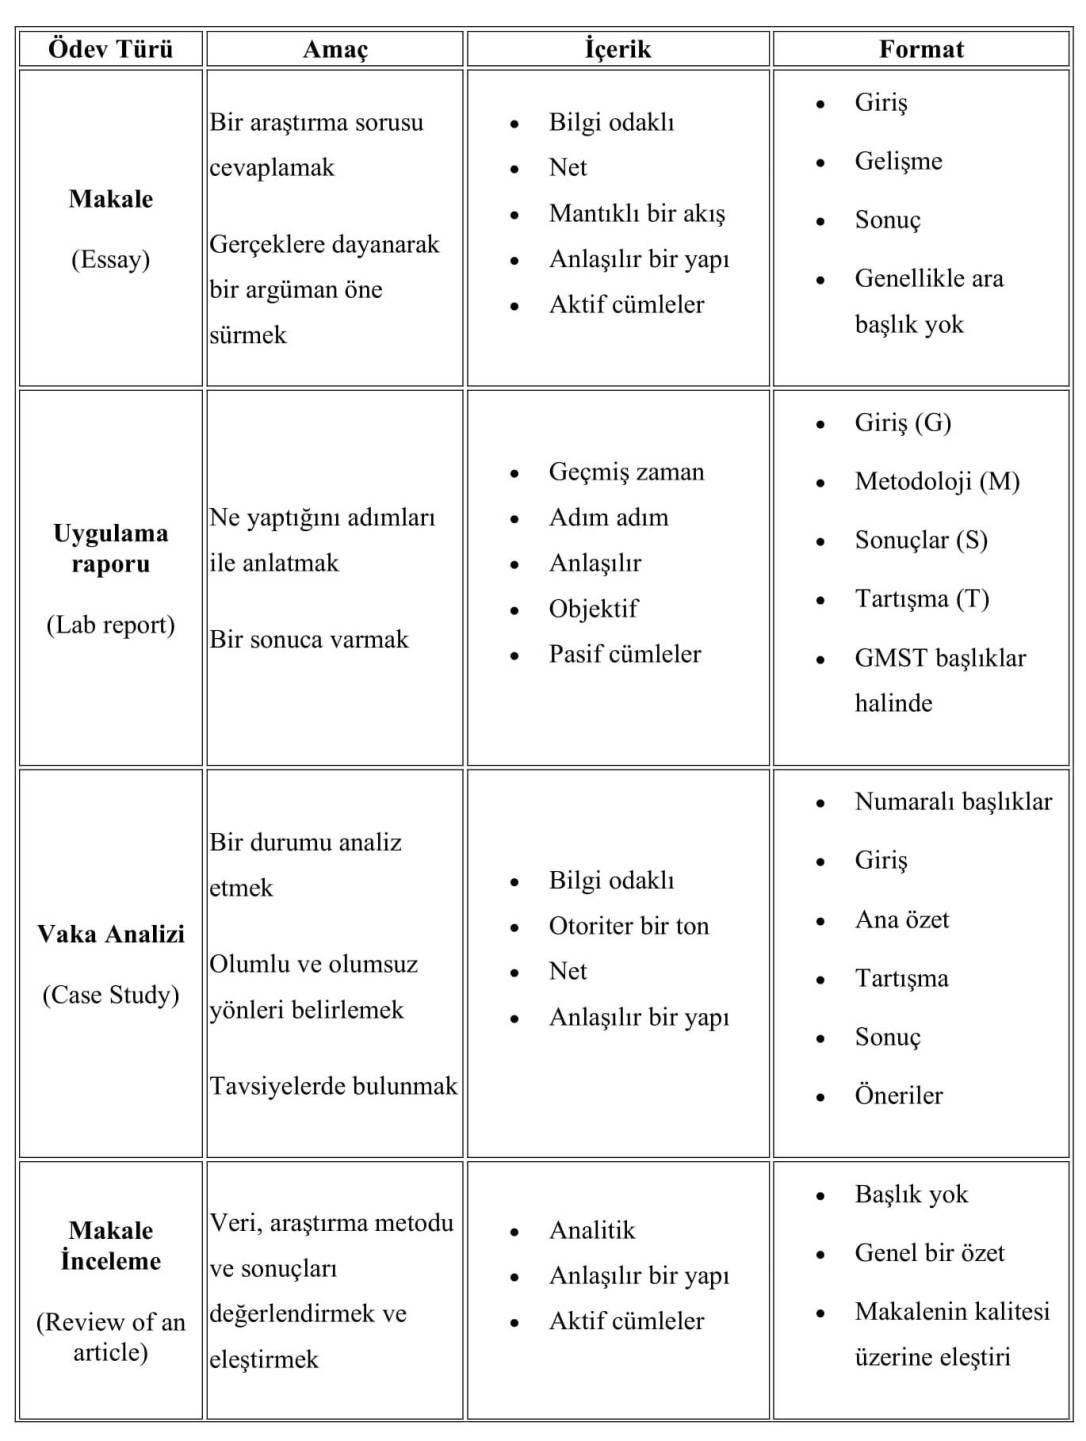 Ödev Türü-1